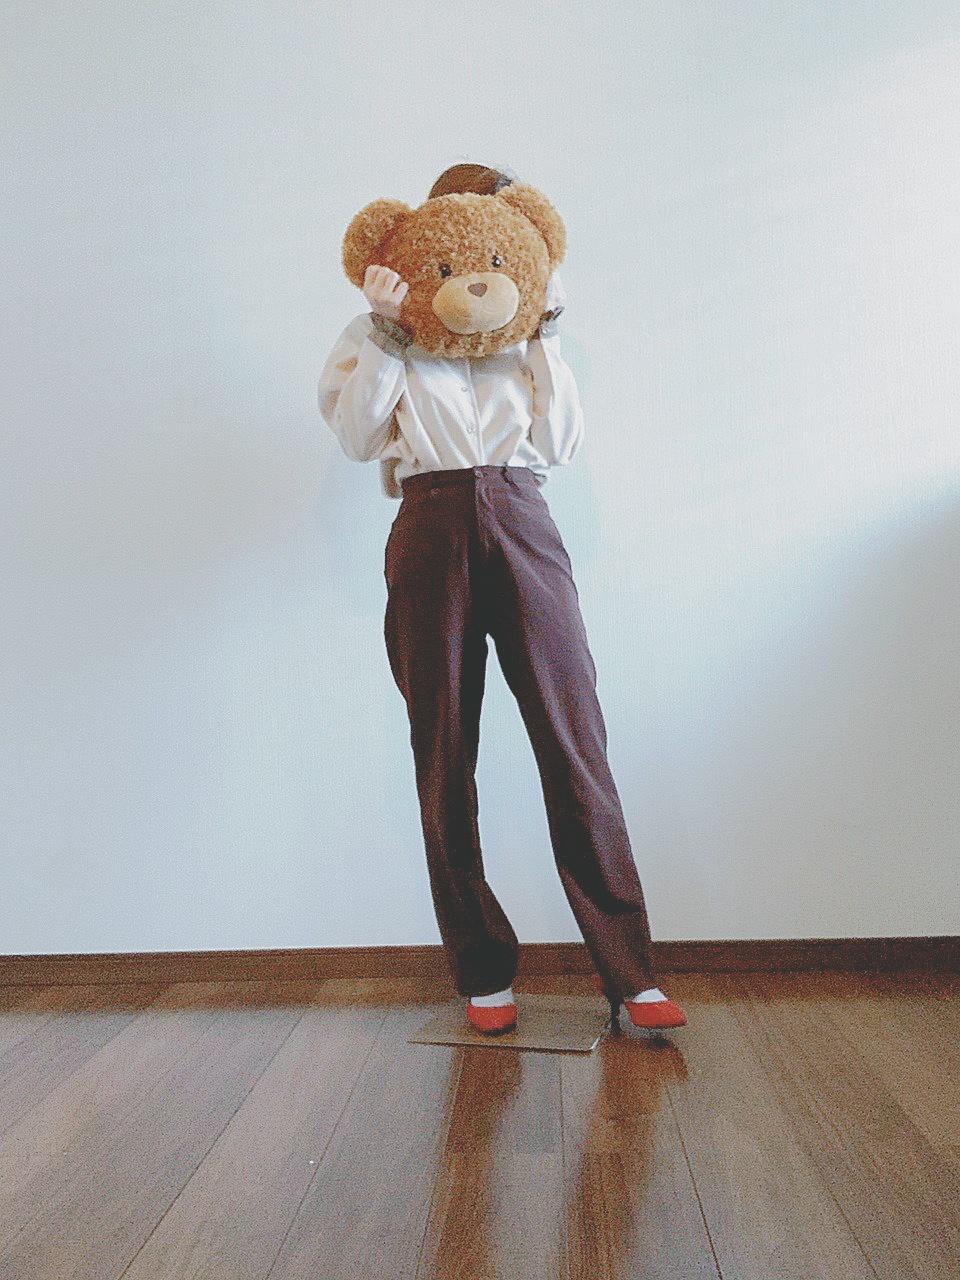 ショップオーナーゆきち Instagram @yukichii_0429